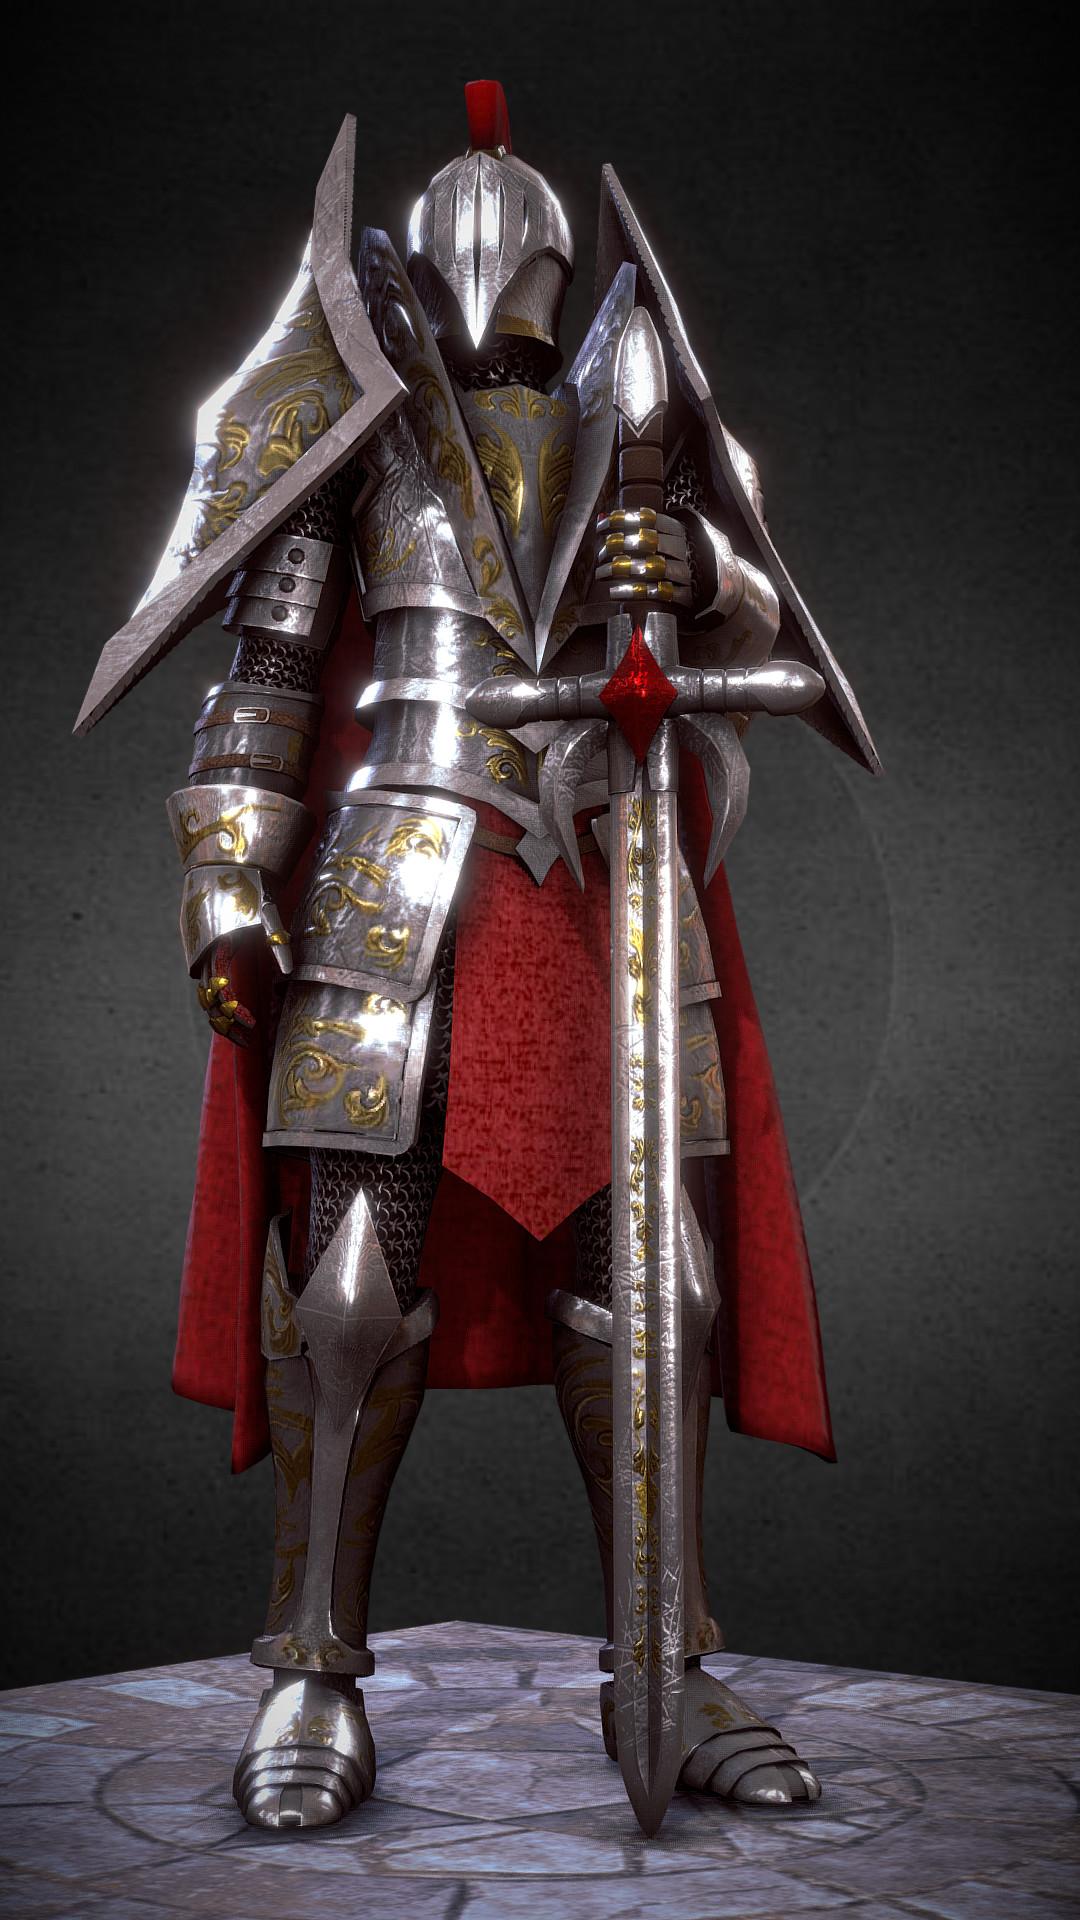 Ivan batalla knight medieval fantasy